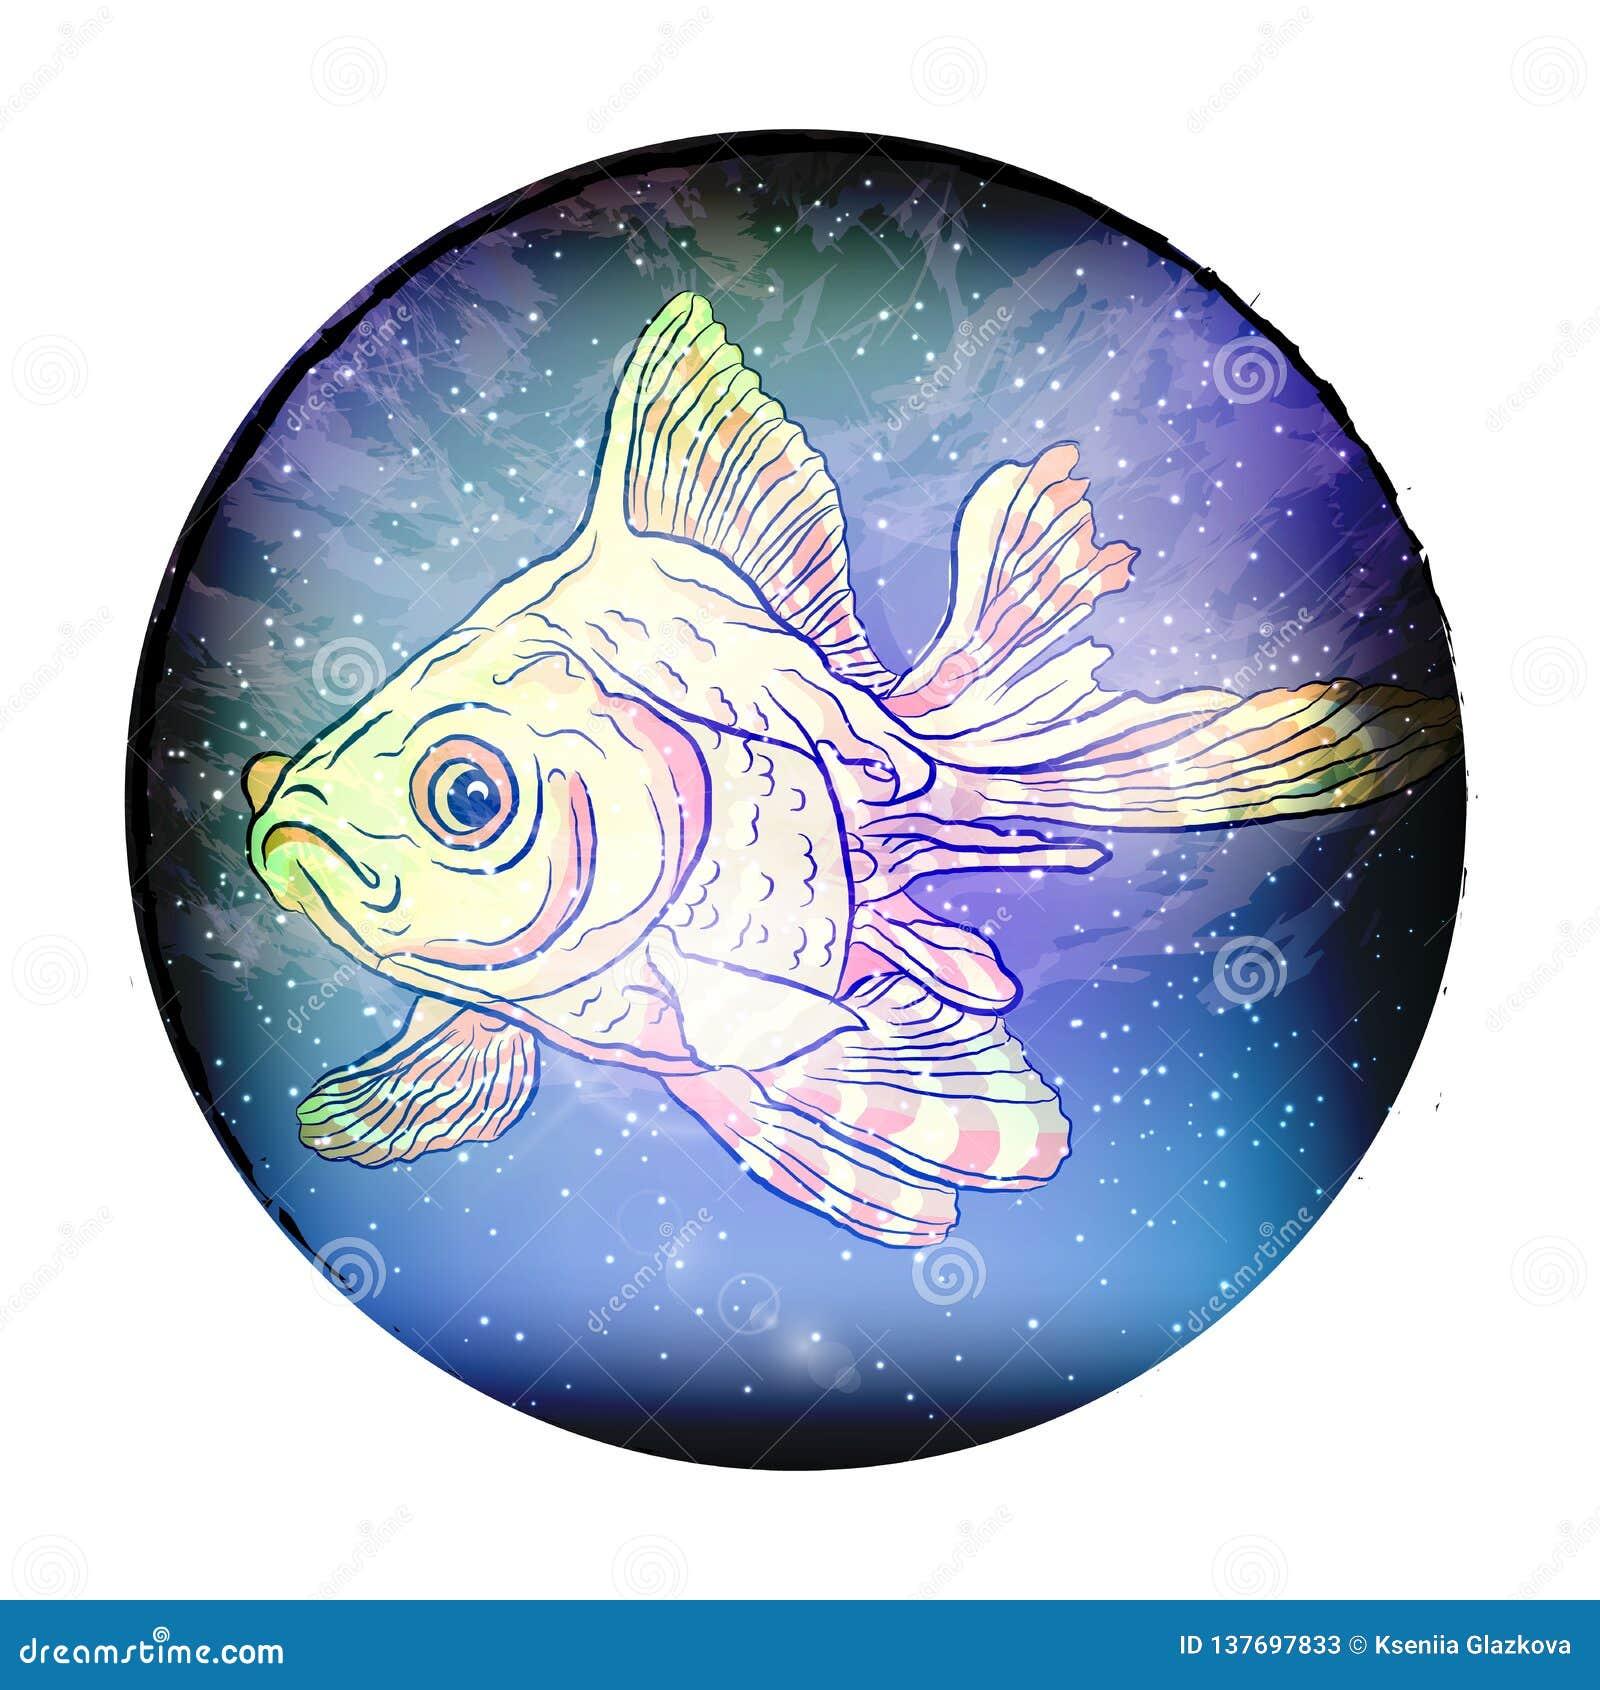 Rybi pozaziemski gwiazdozbiór ryba wektor